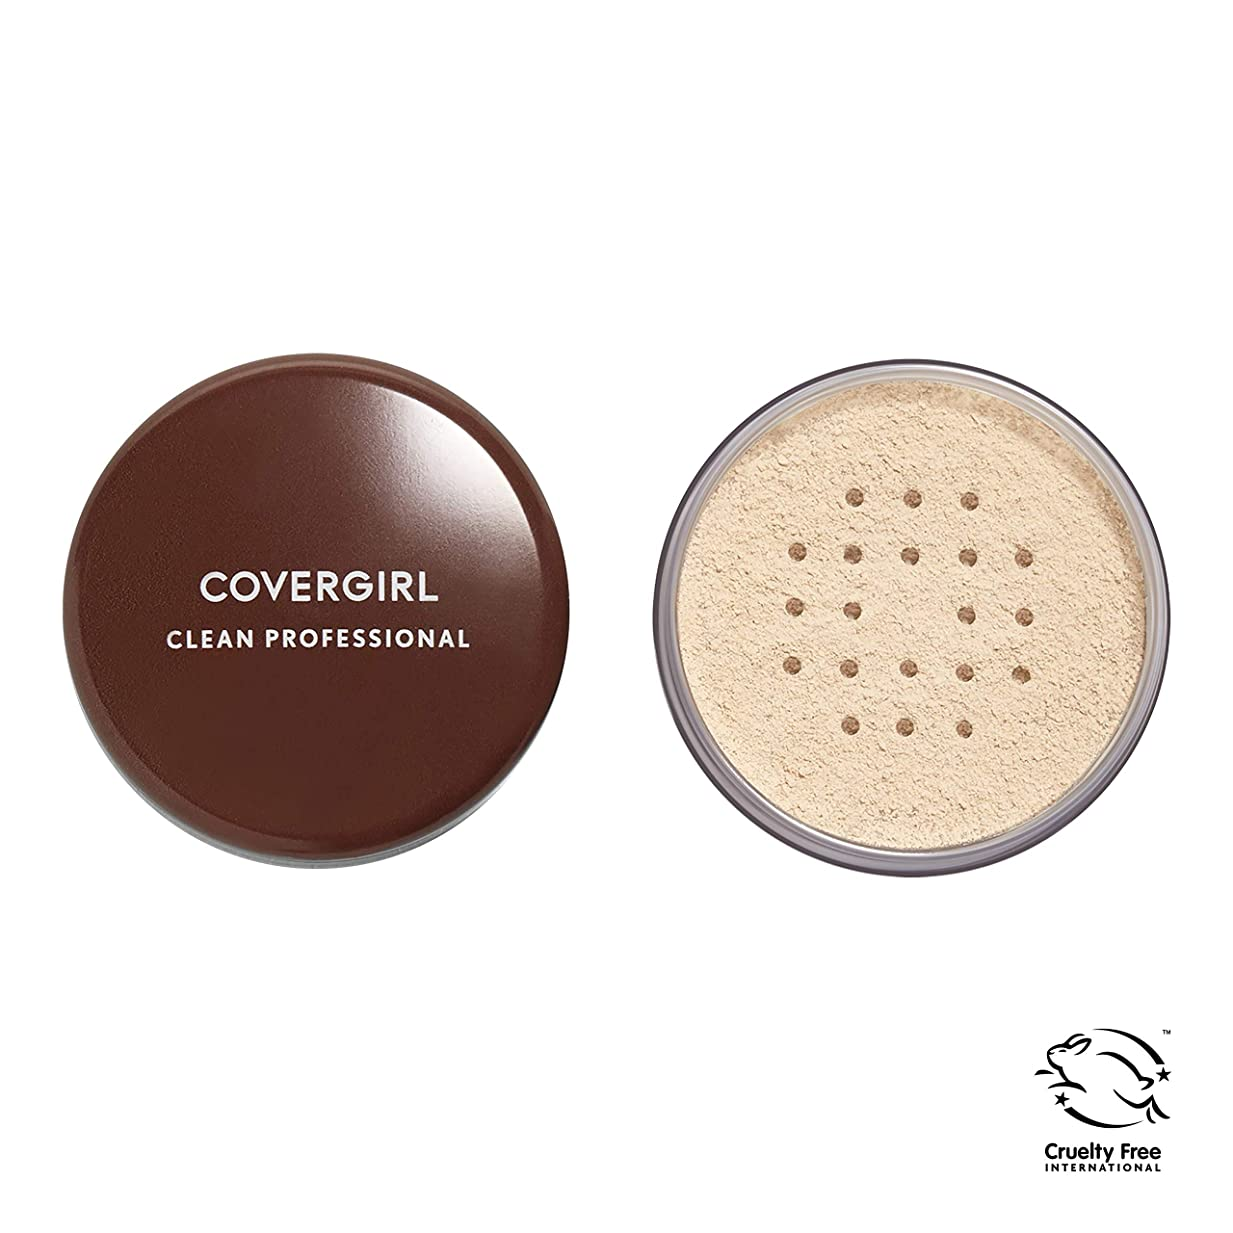 環境に優しいご飯ドメインCOVERGIRL Professional Loose Powder - Translucent Fair 105 (並行輸入品)